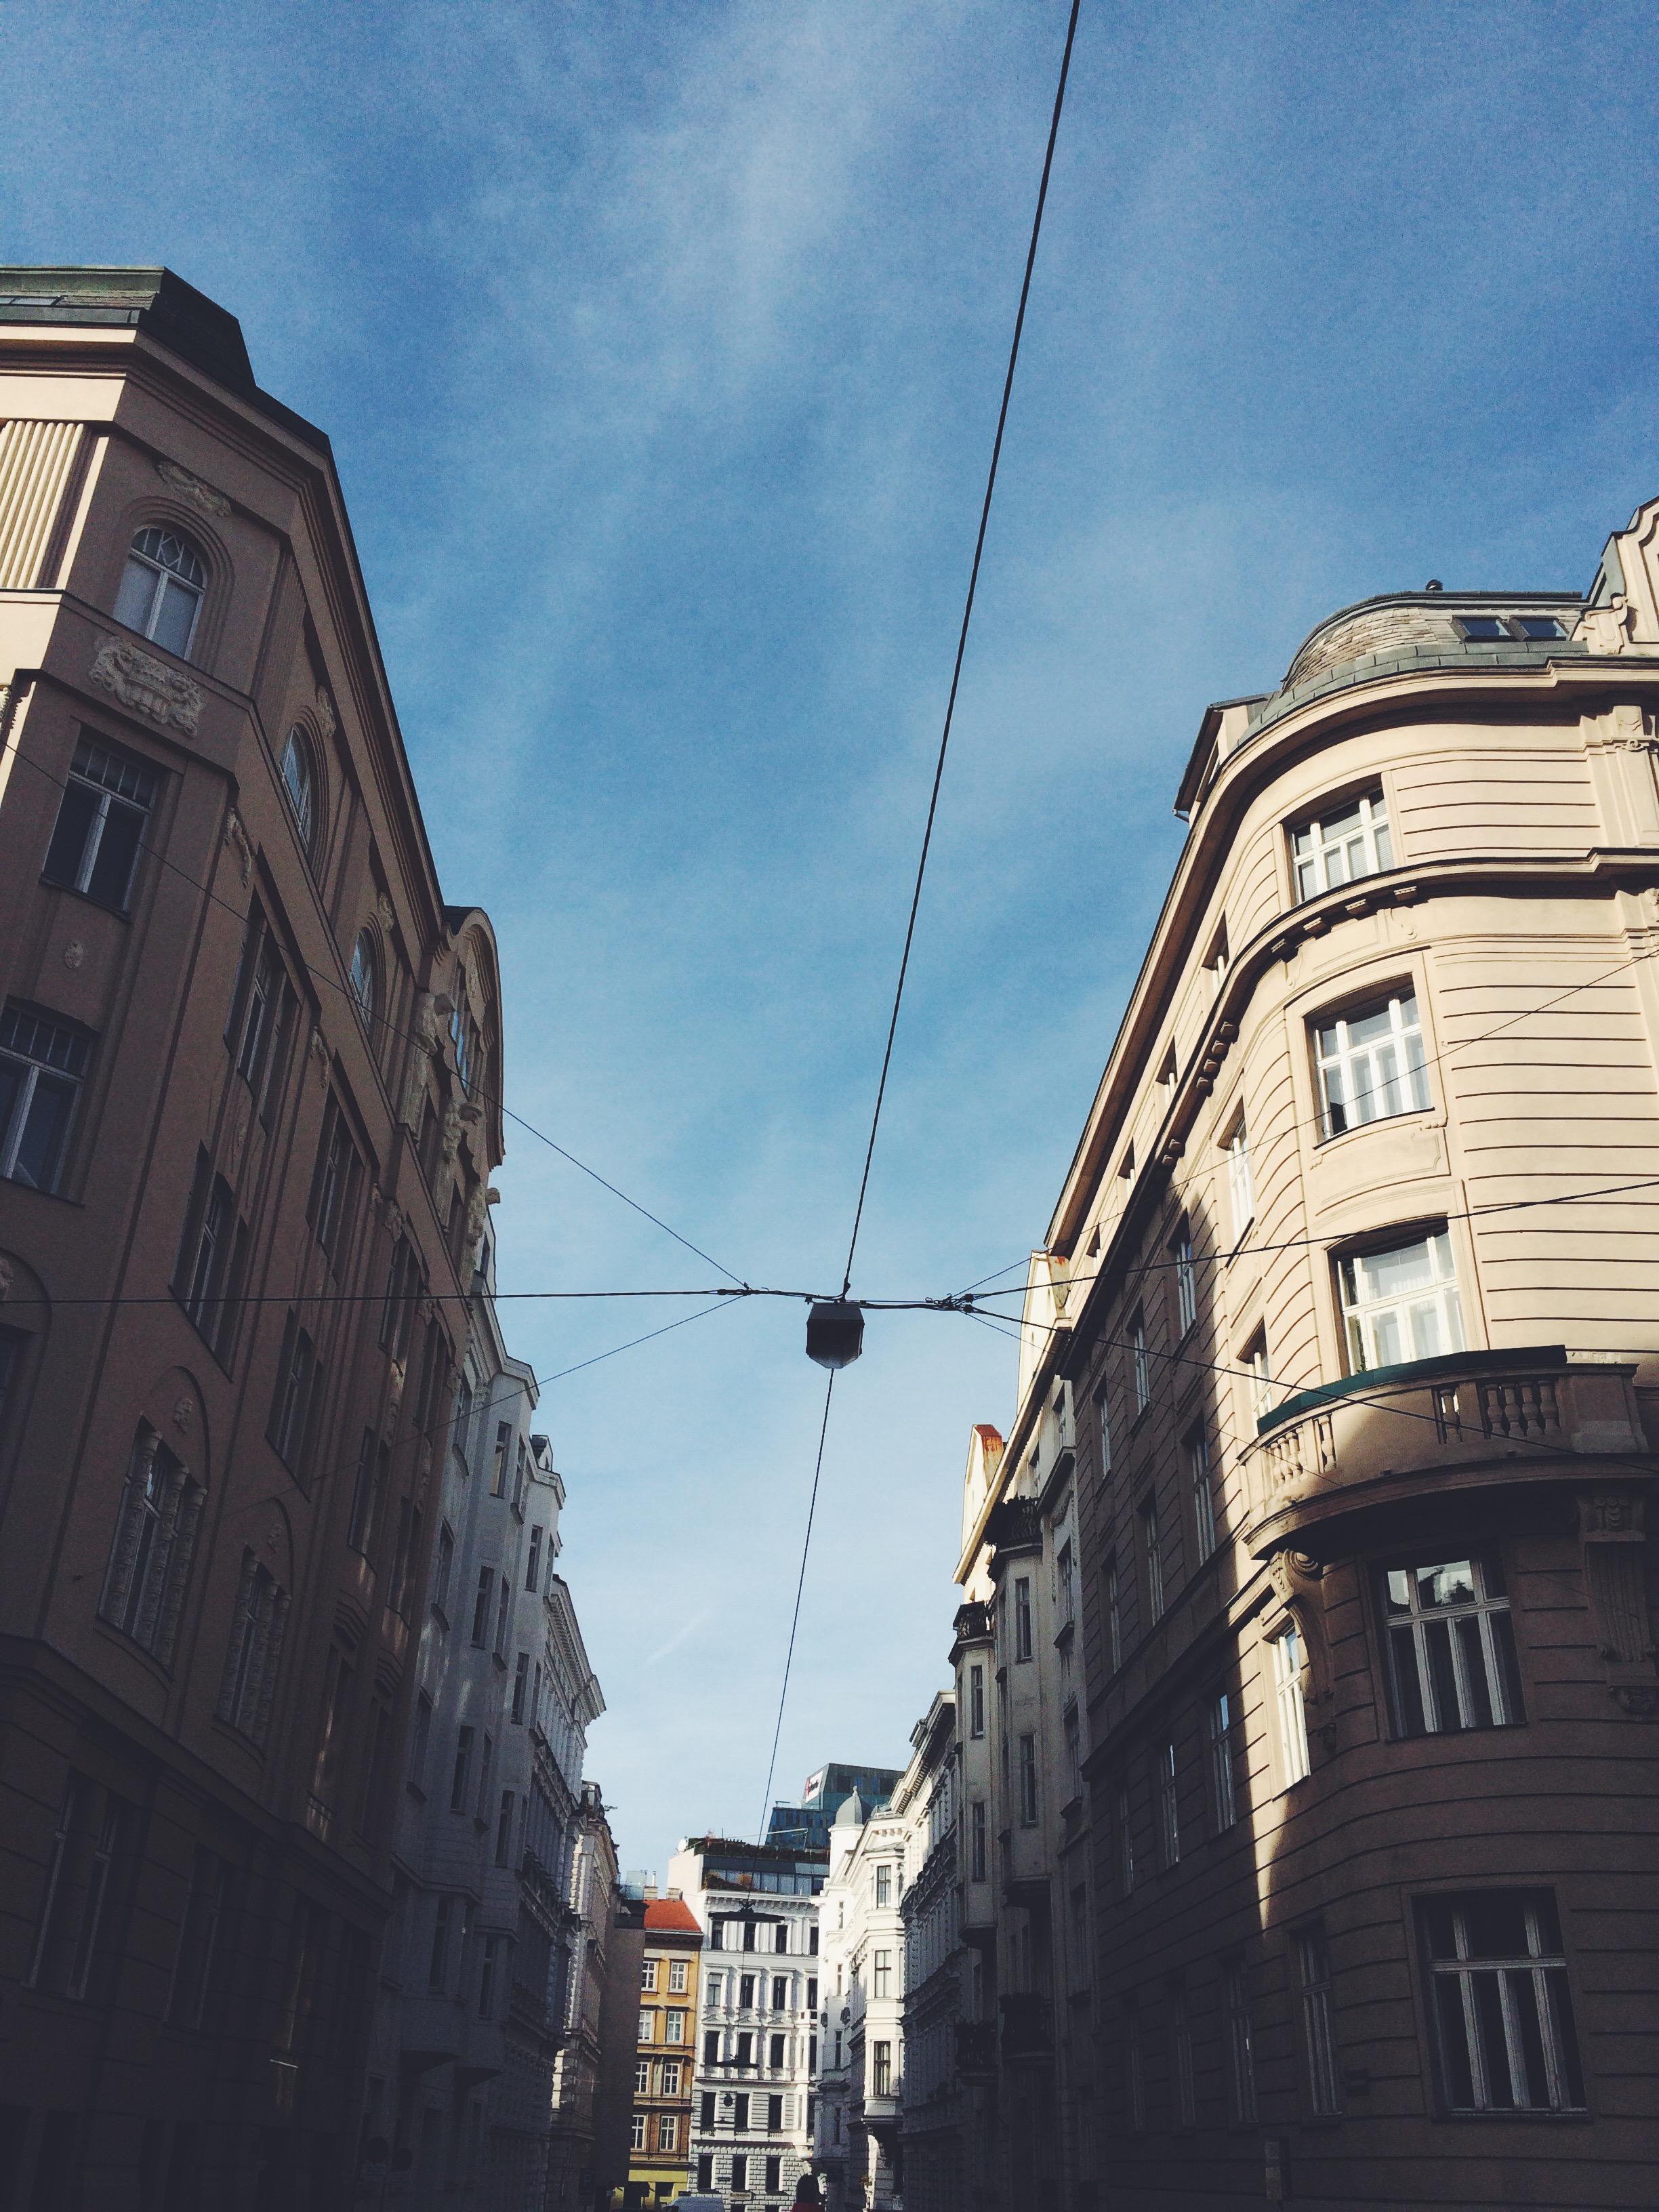 vsco-photo-3.jpg